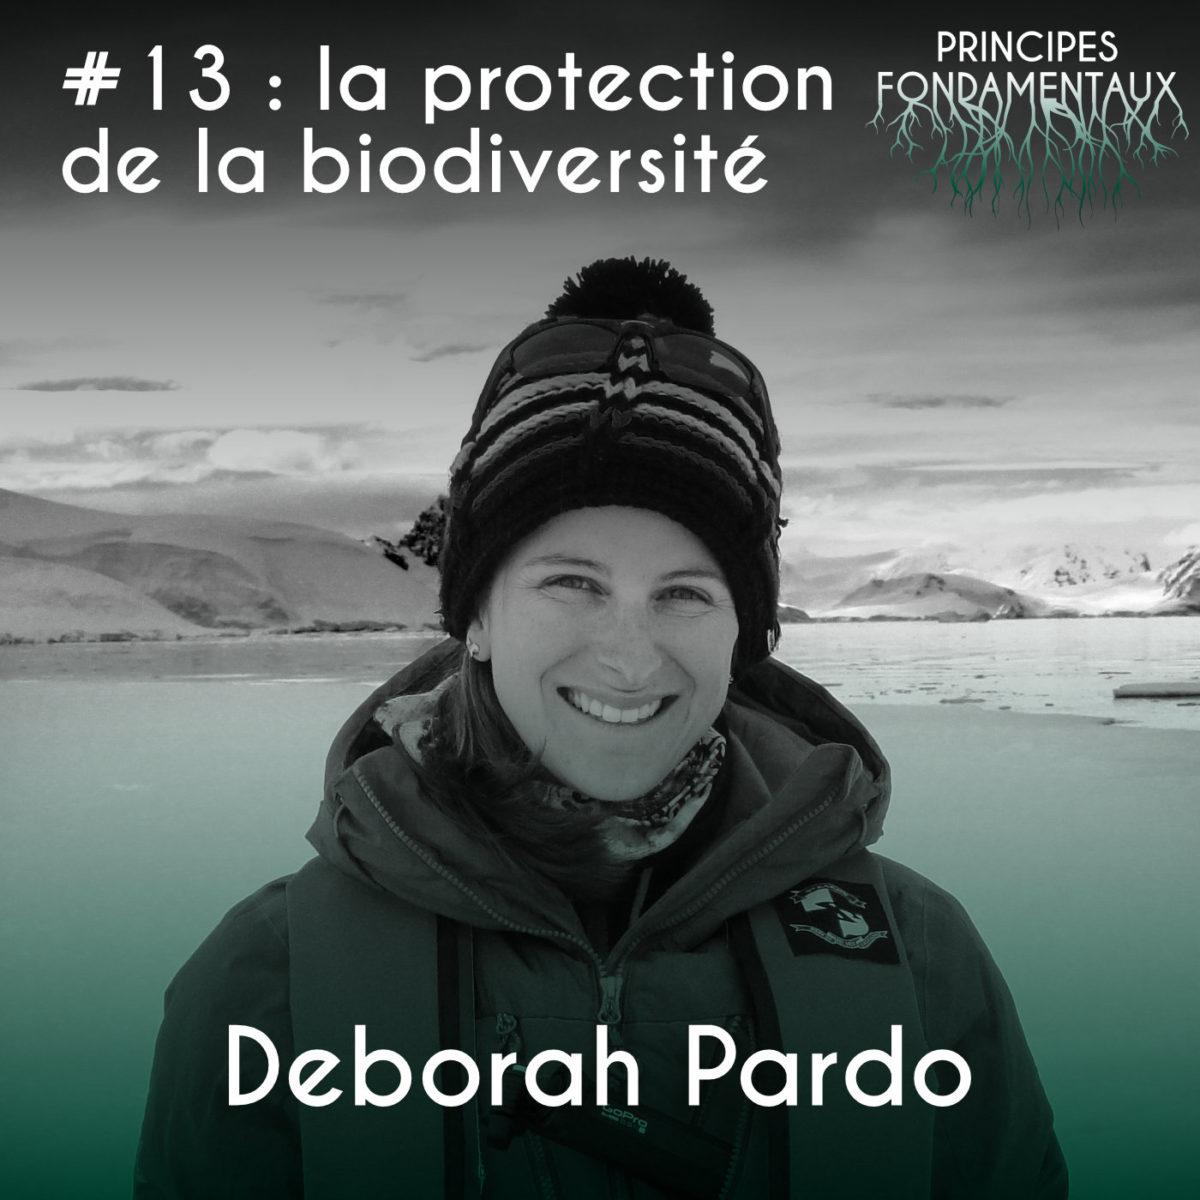 Couverture Podcast #13 Deborah Pardo